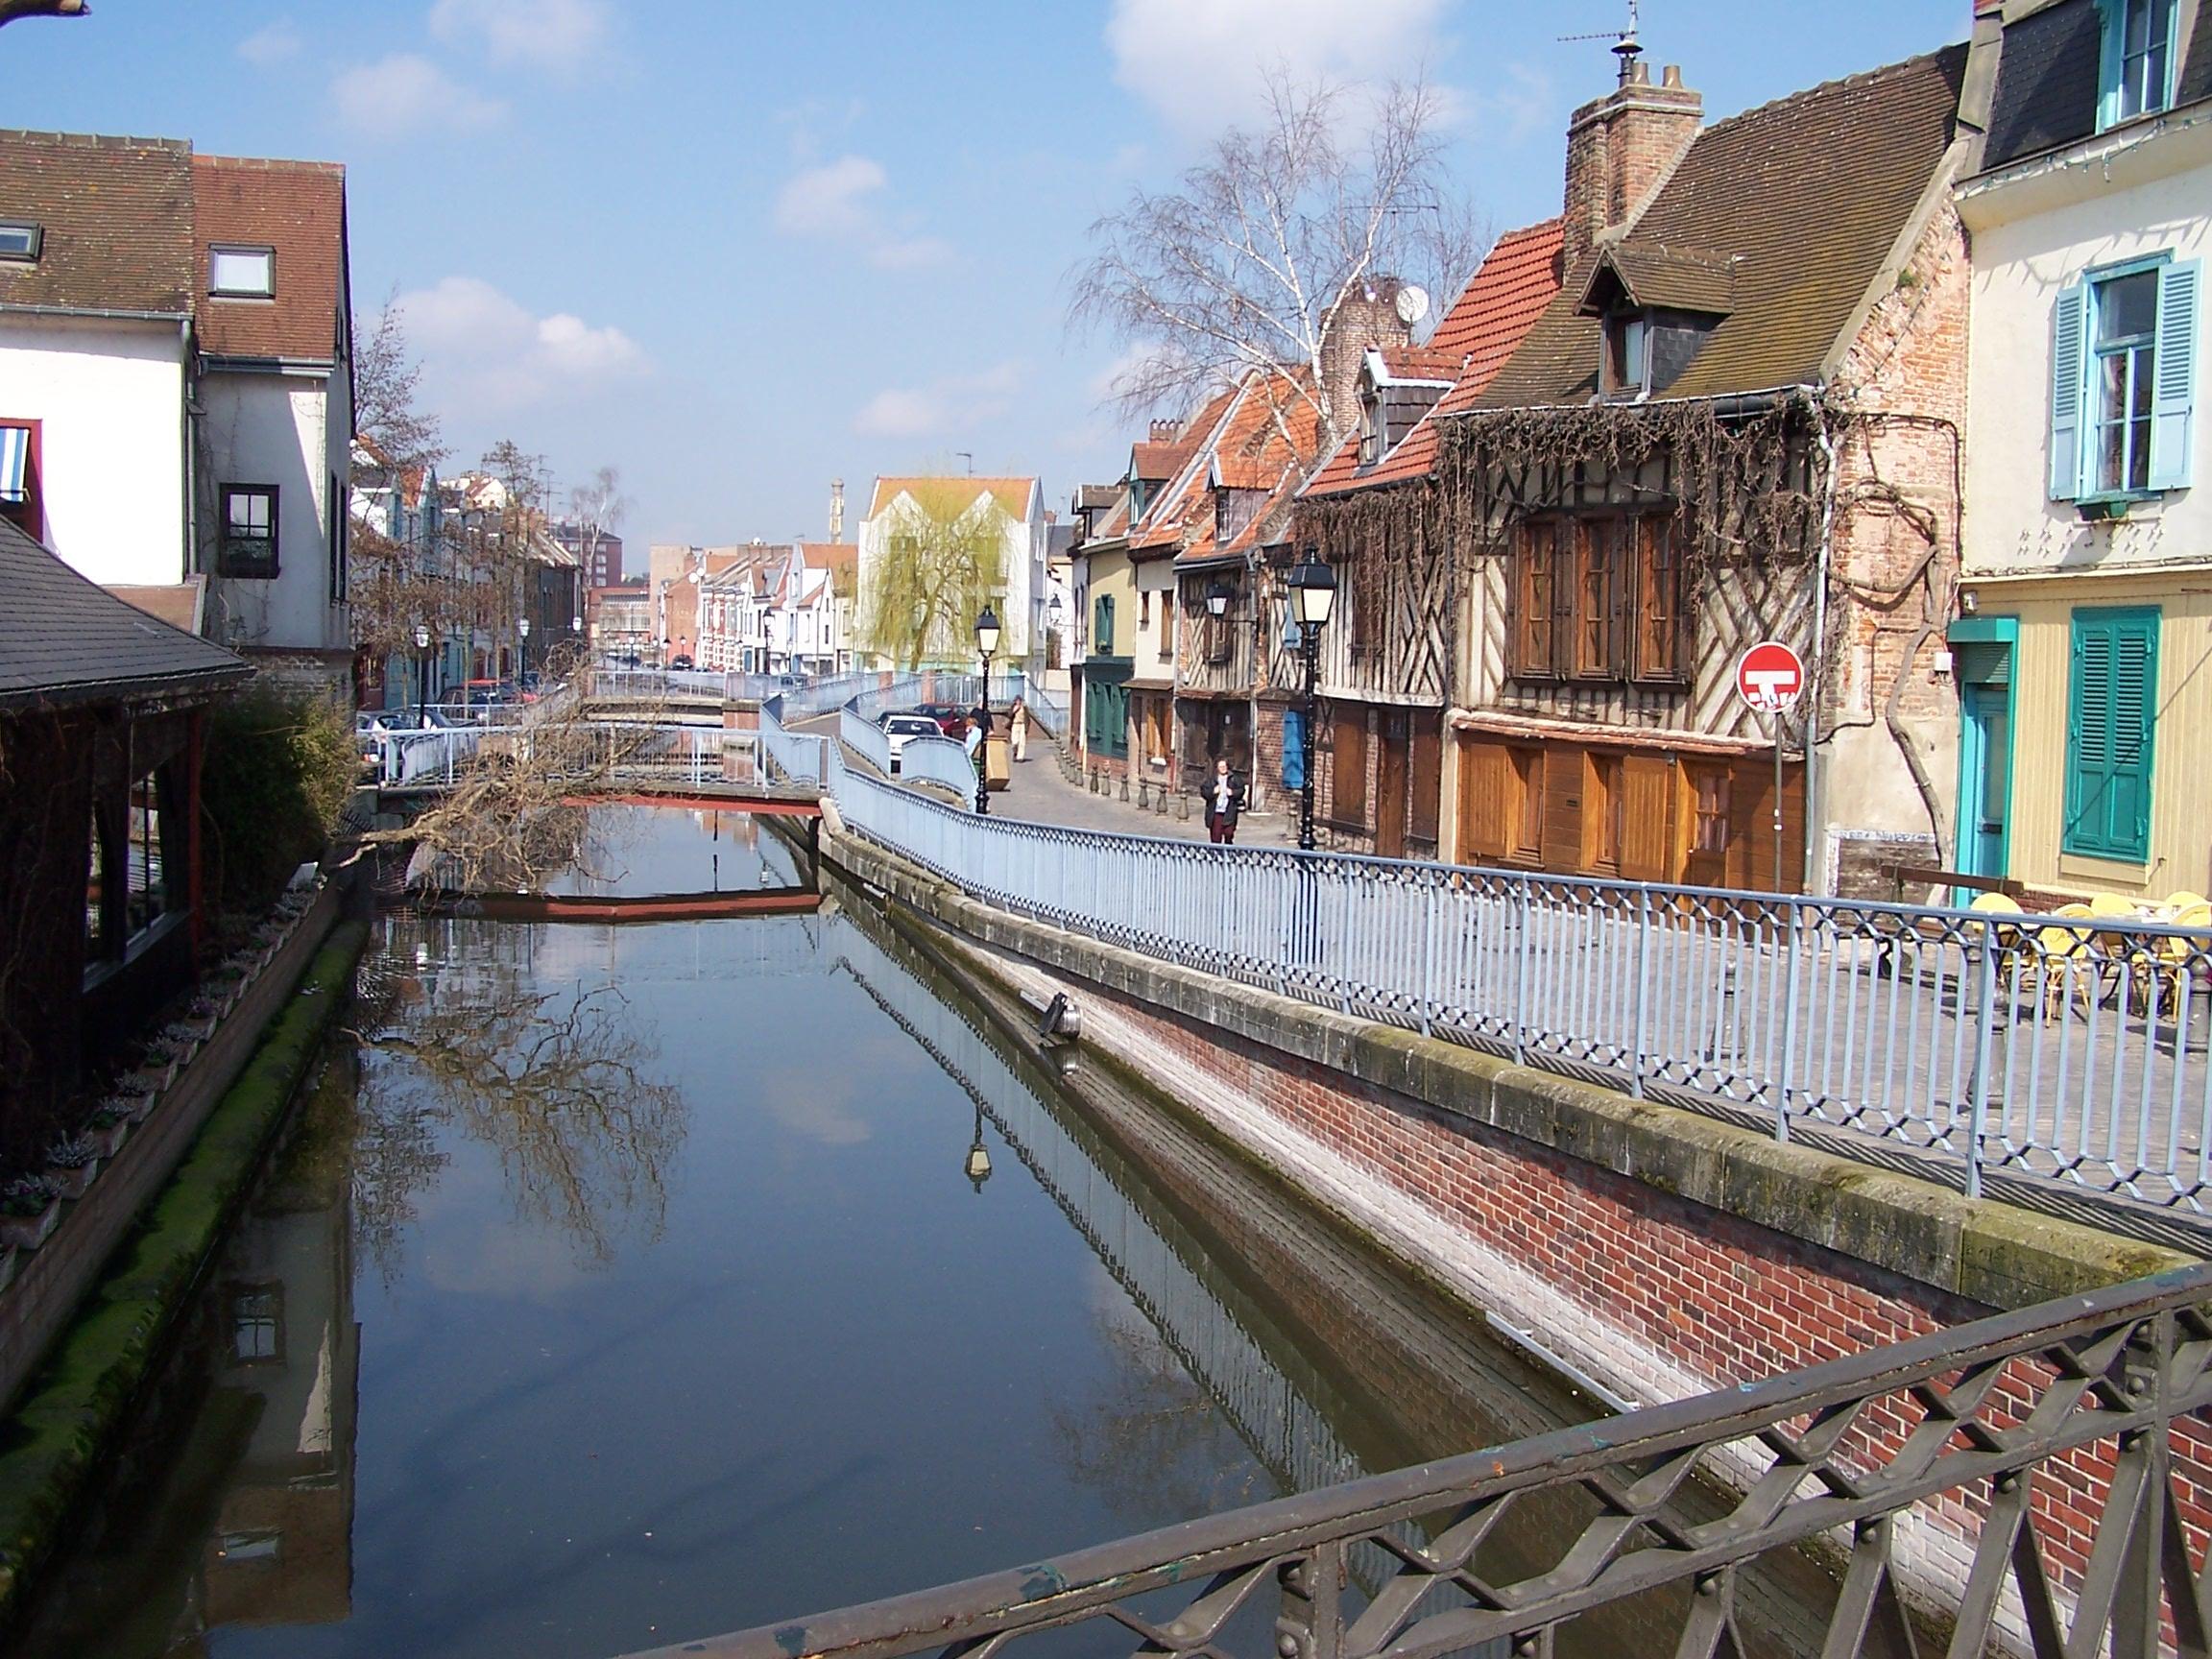 Amiens quartier saint leu canaux 200503.jpg